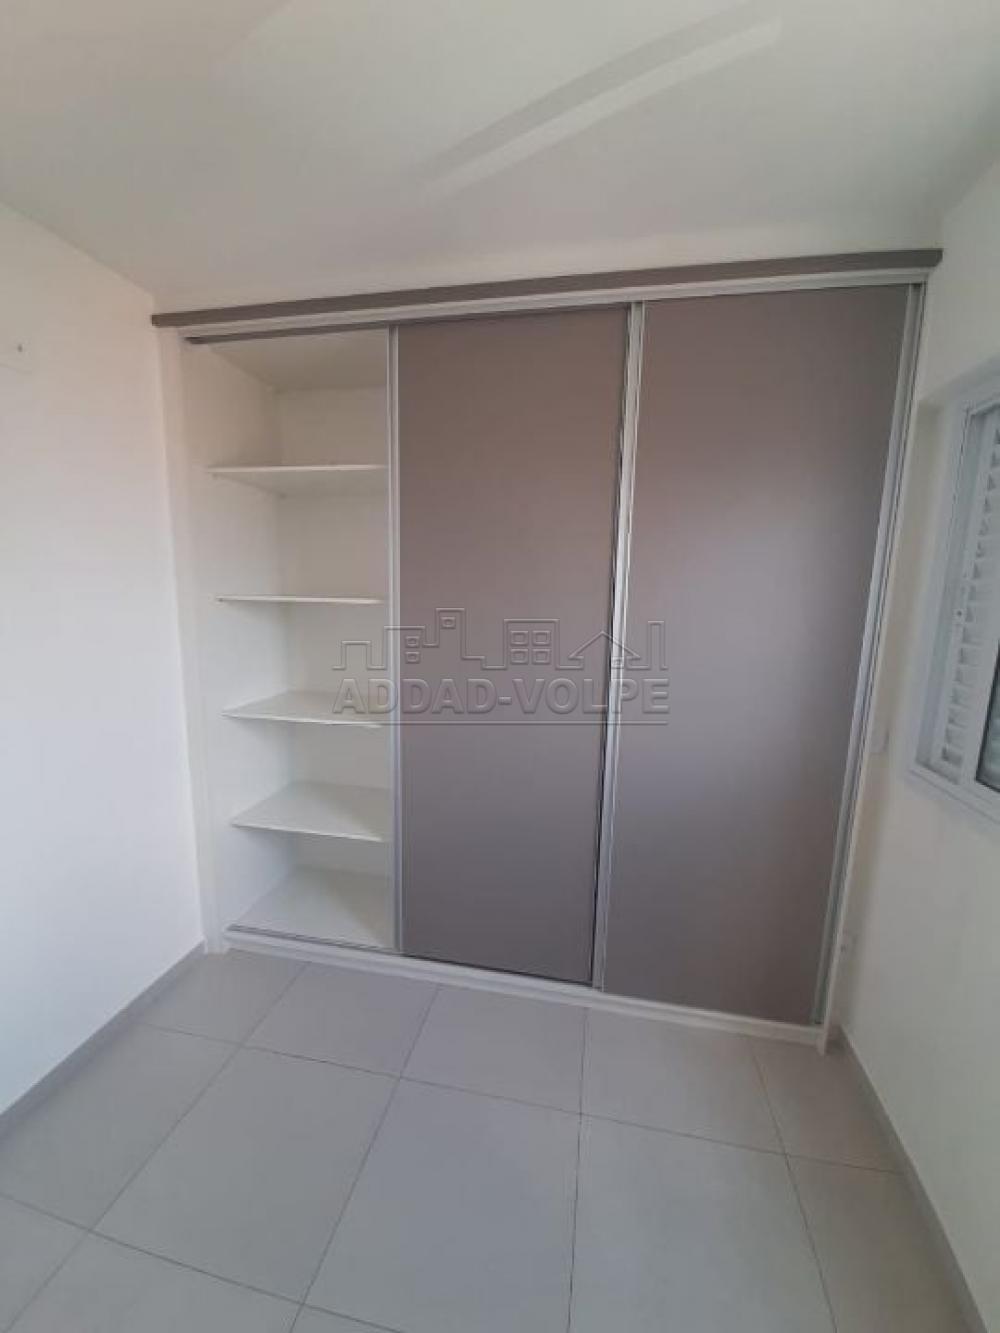 Alugar Apartamento / Padrão em Bauru R$ 950,00 - Foto 8